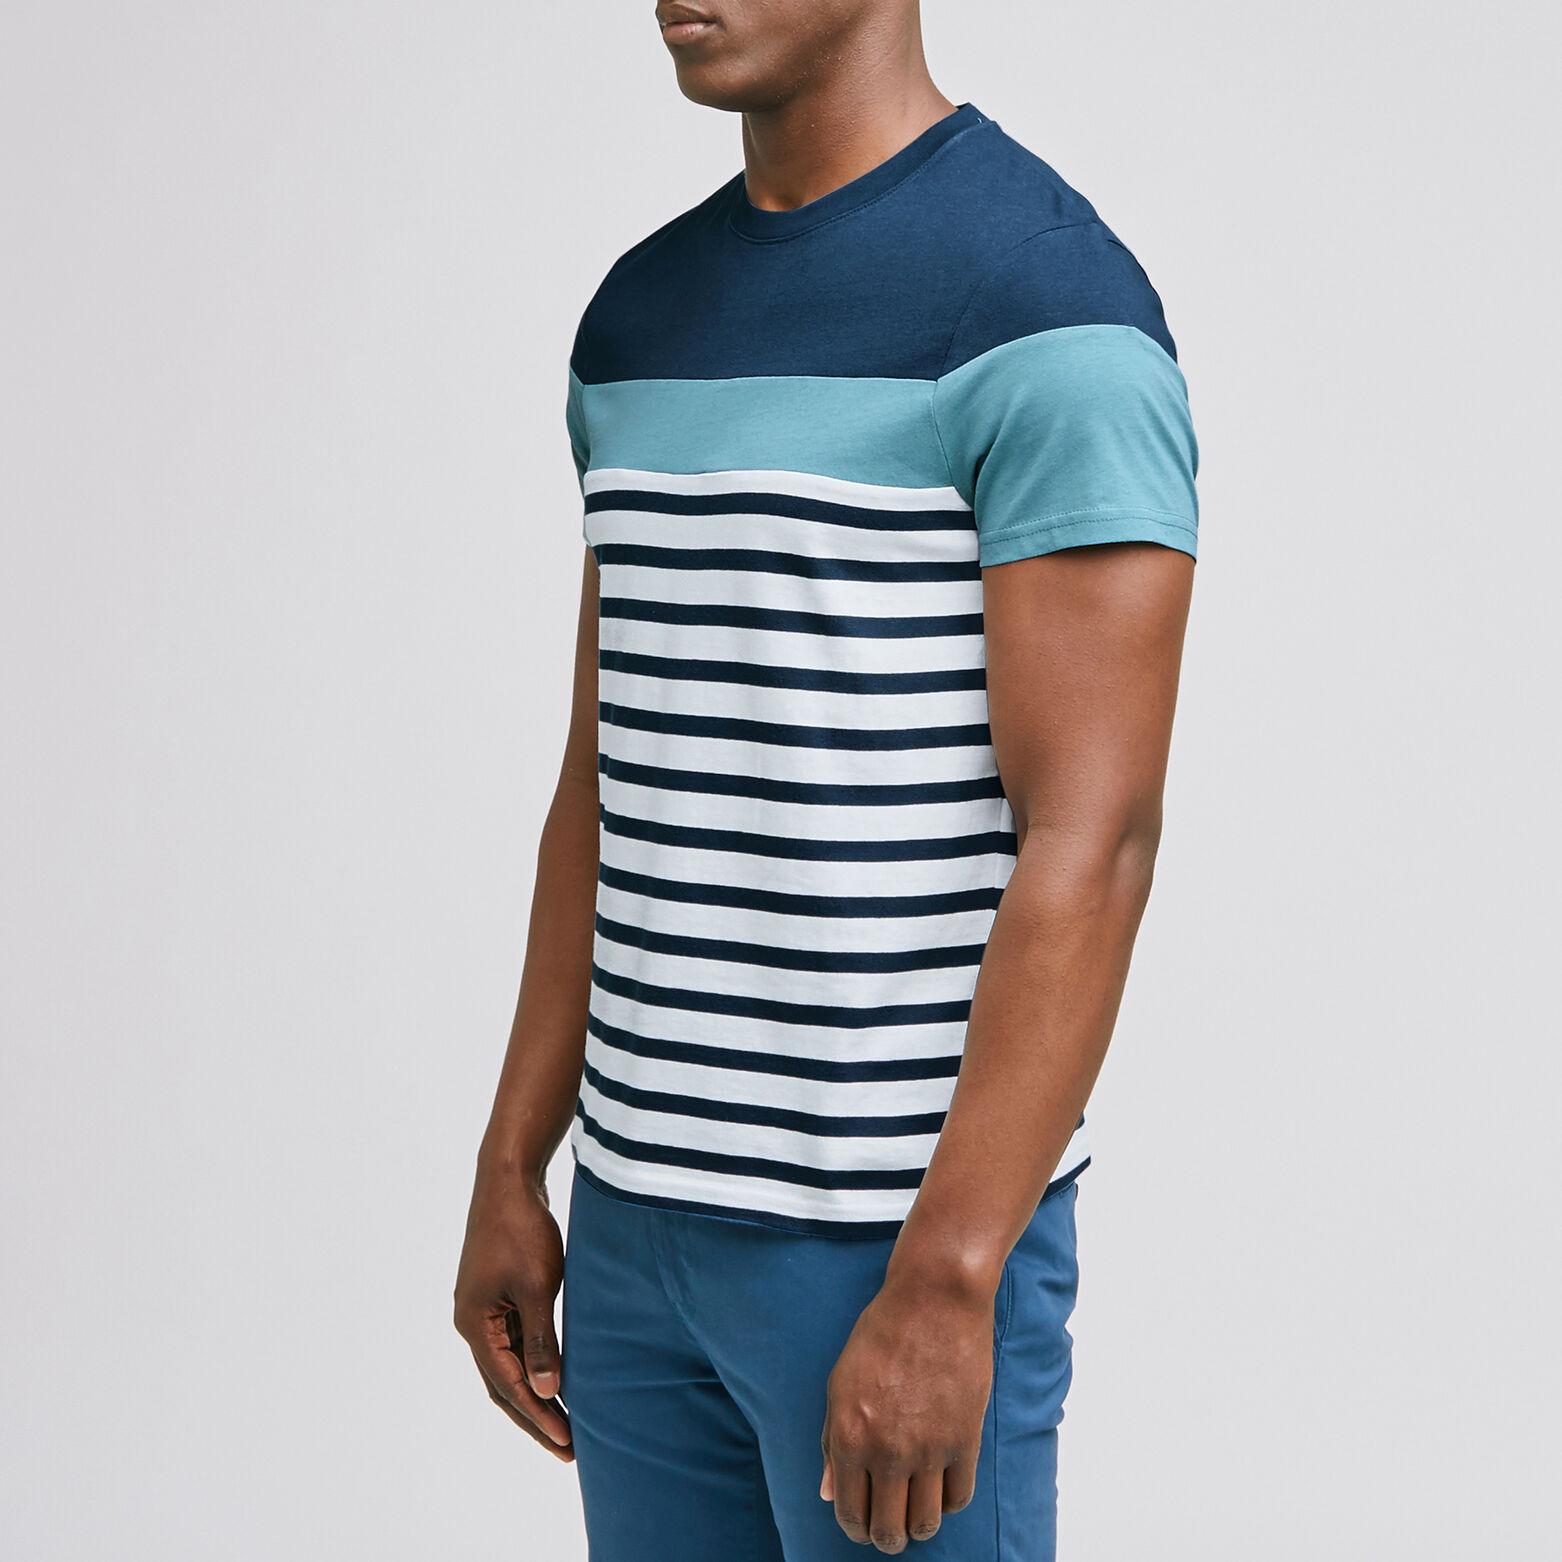 Tee-shirt marinière colorblock coton issu de l'agr